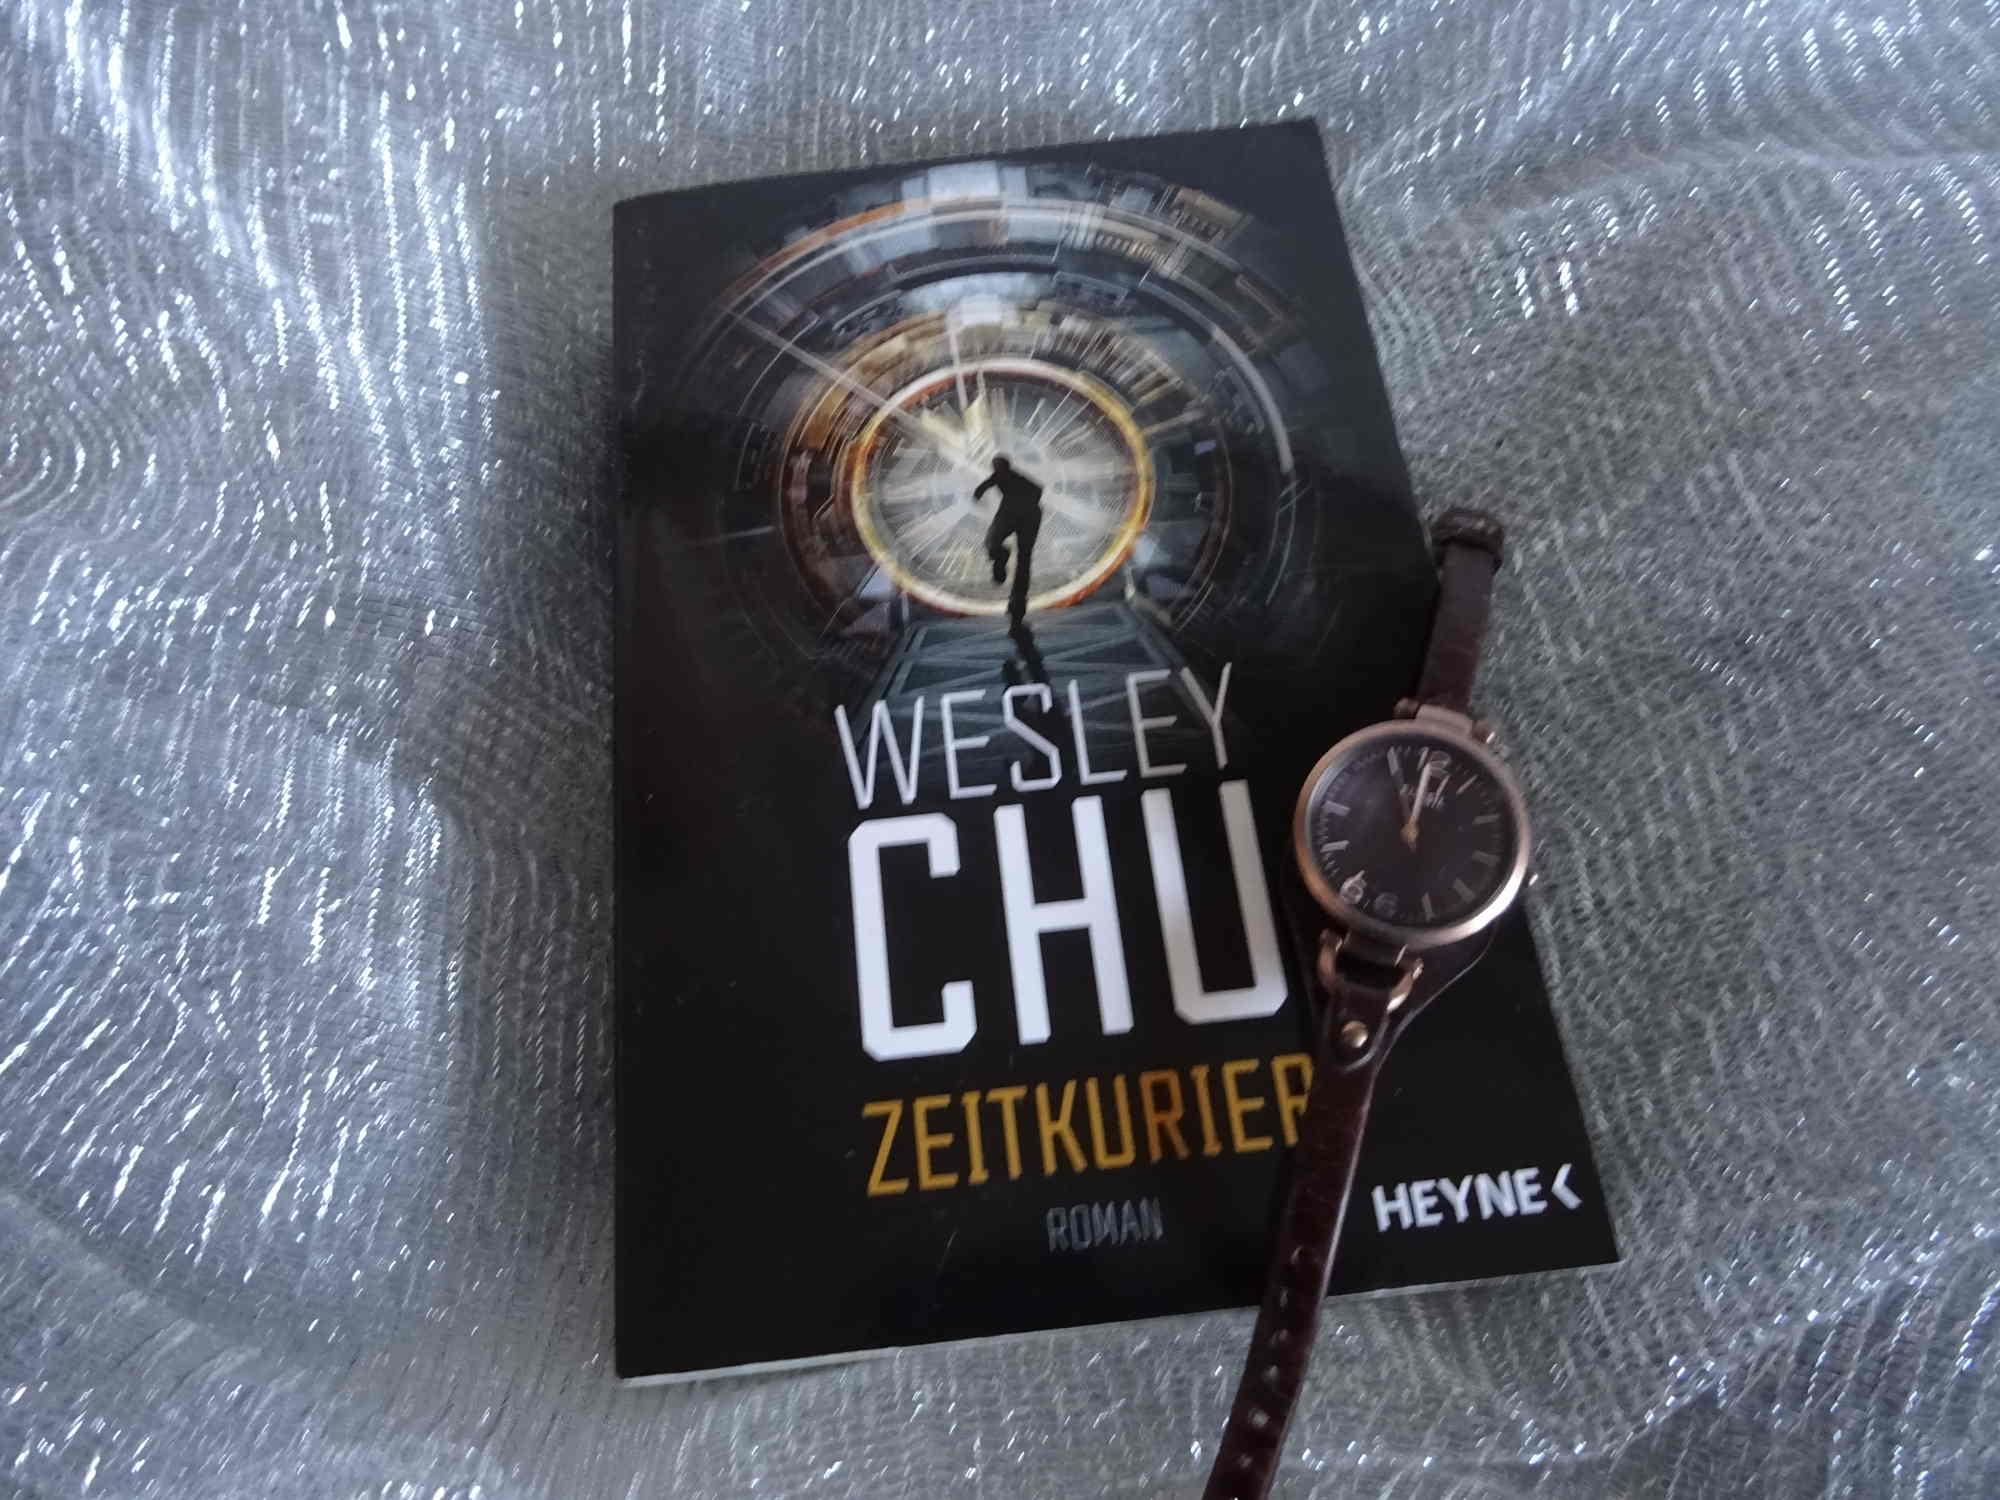 Zeitkurier - Wesley Chu